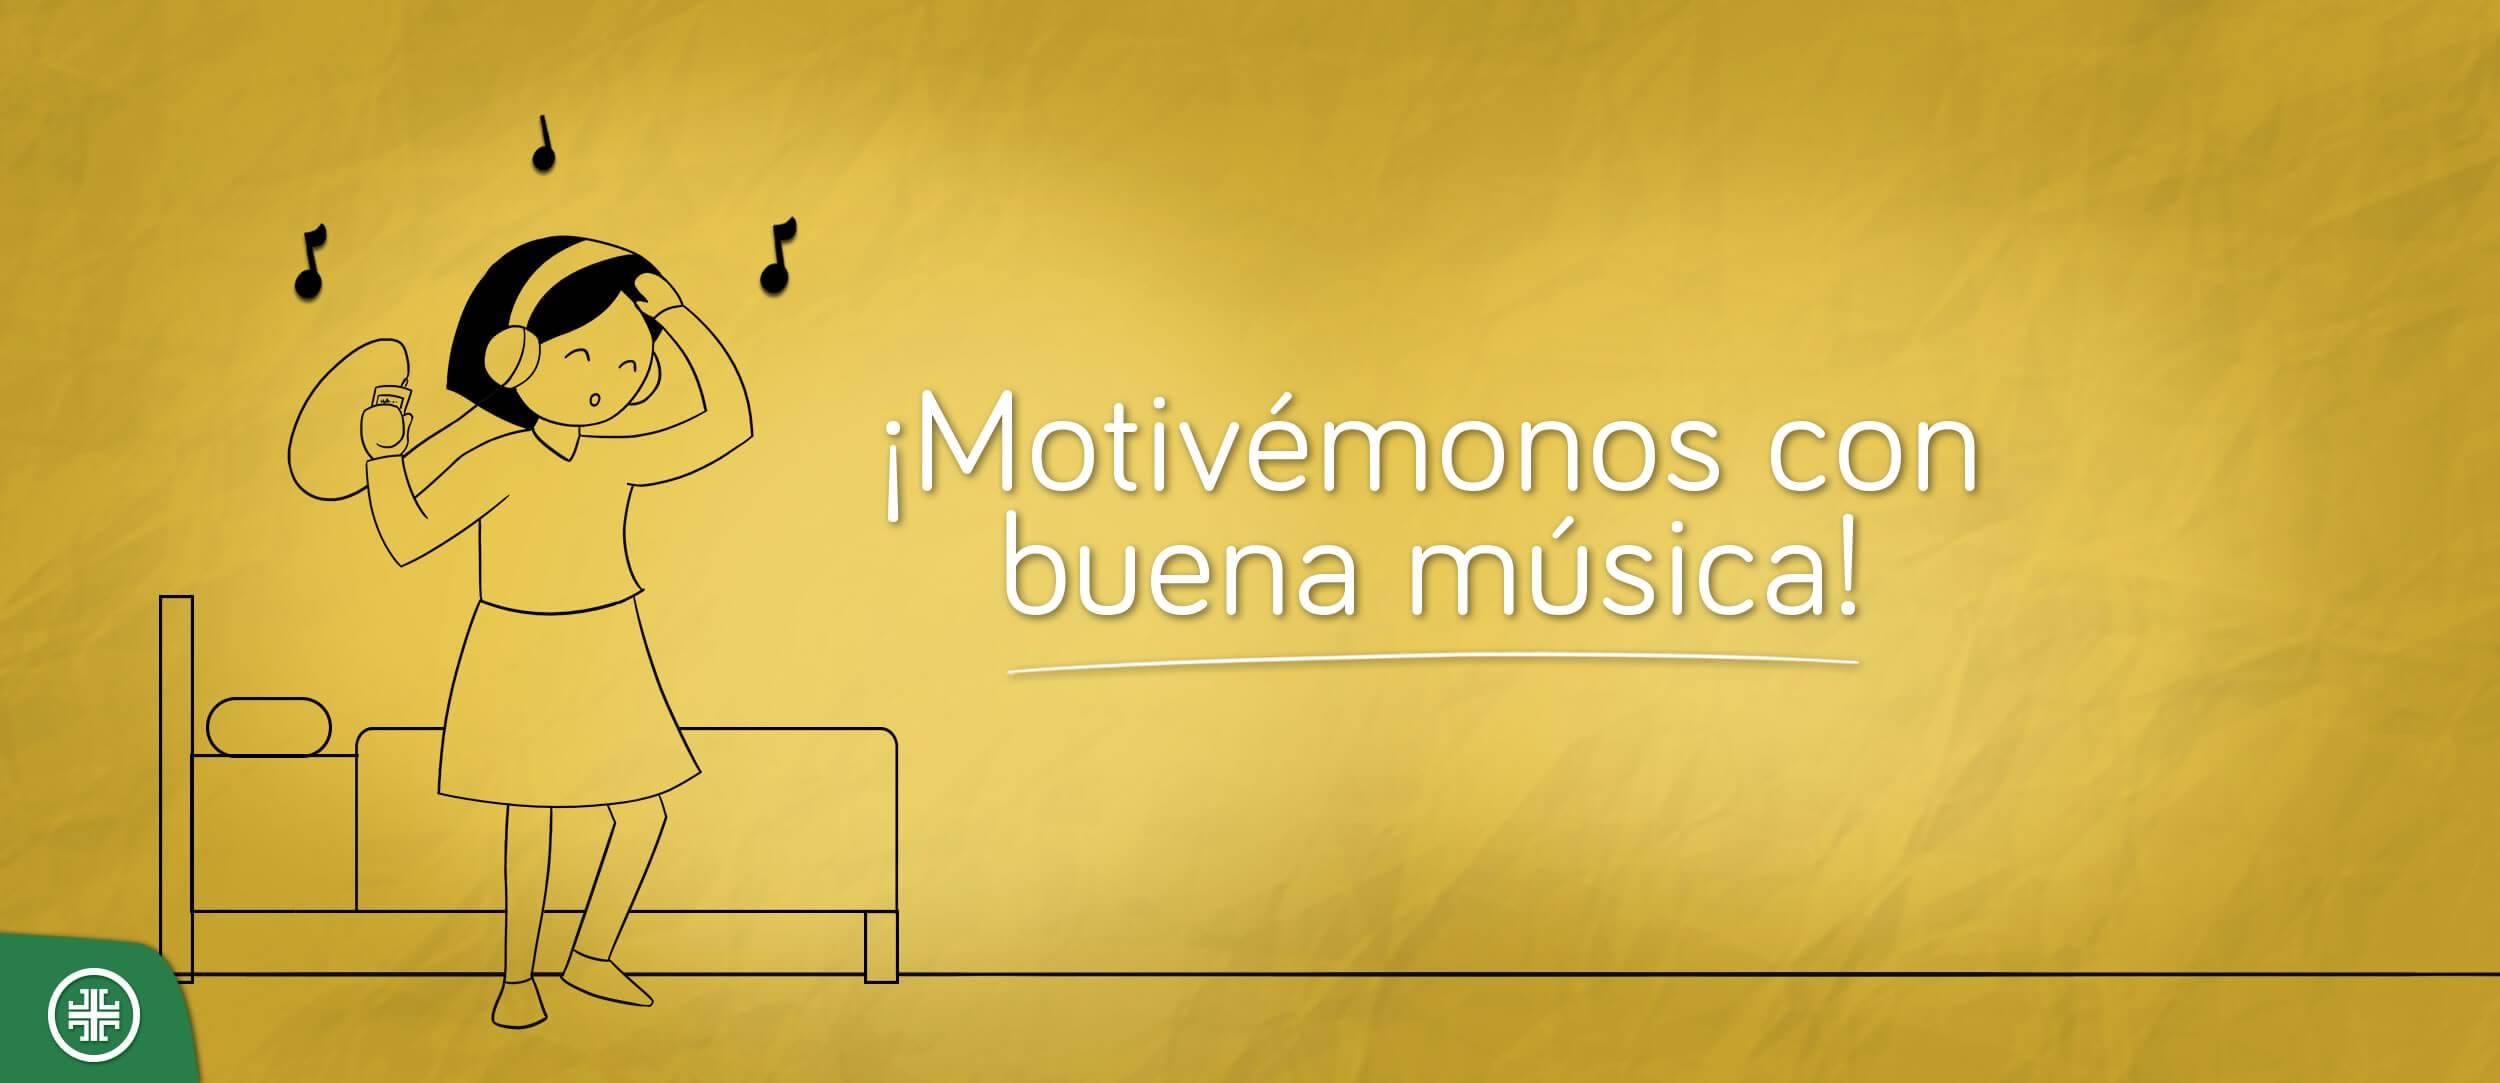 ¡Motivémonos con buena música!